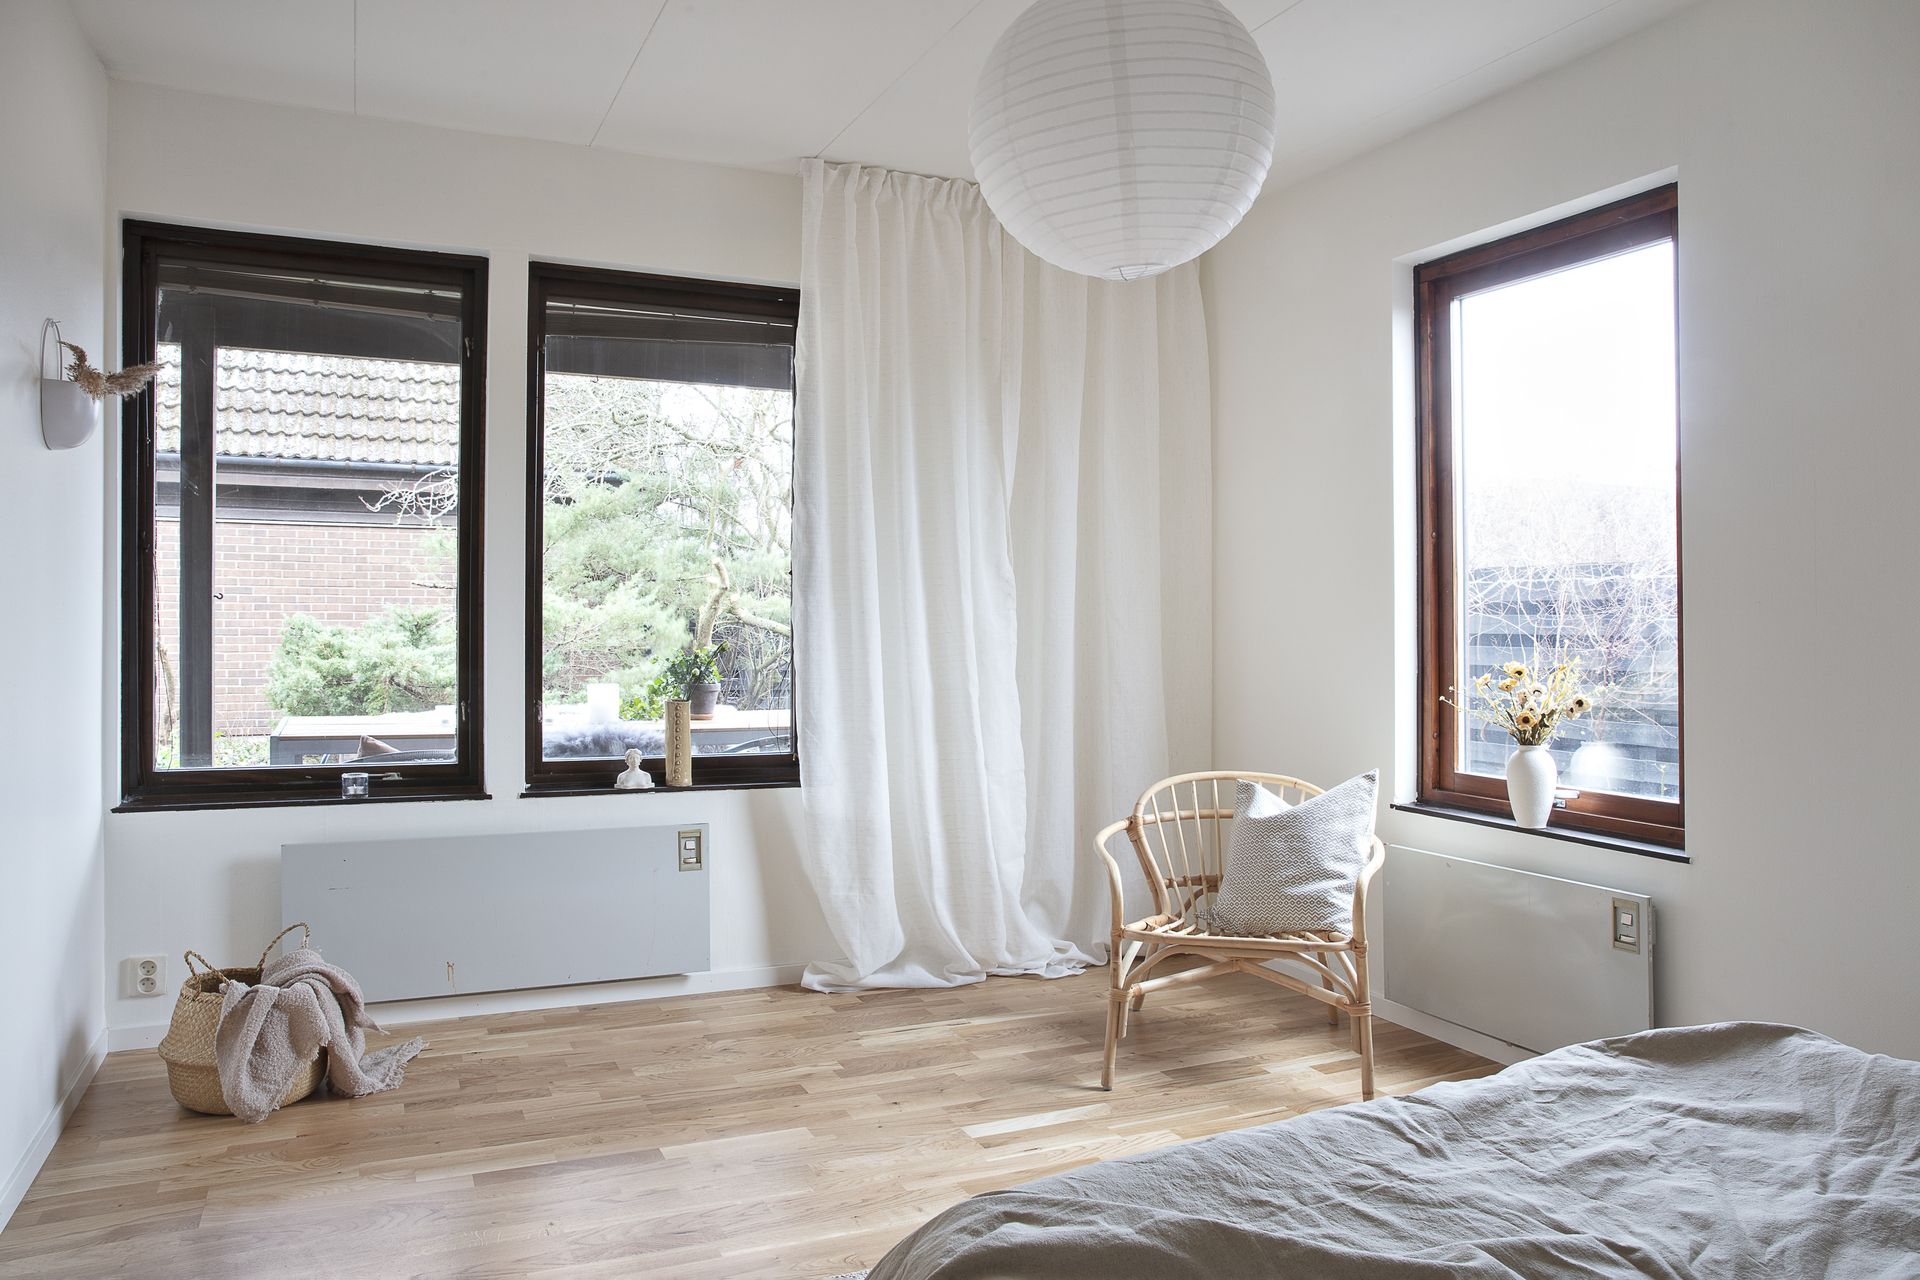 Rummet som ligger i anknytning till vardagsrummet har fönster i två väderstreck